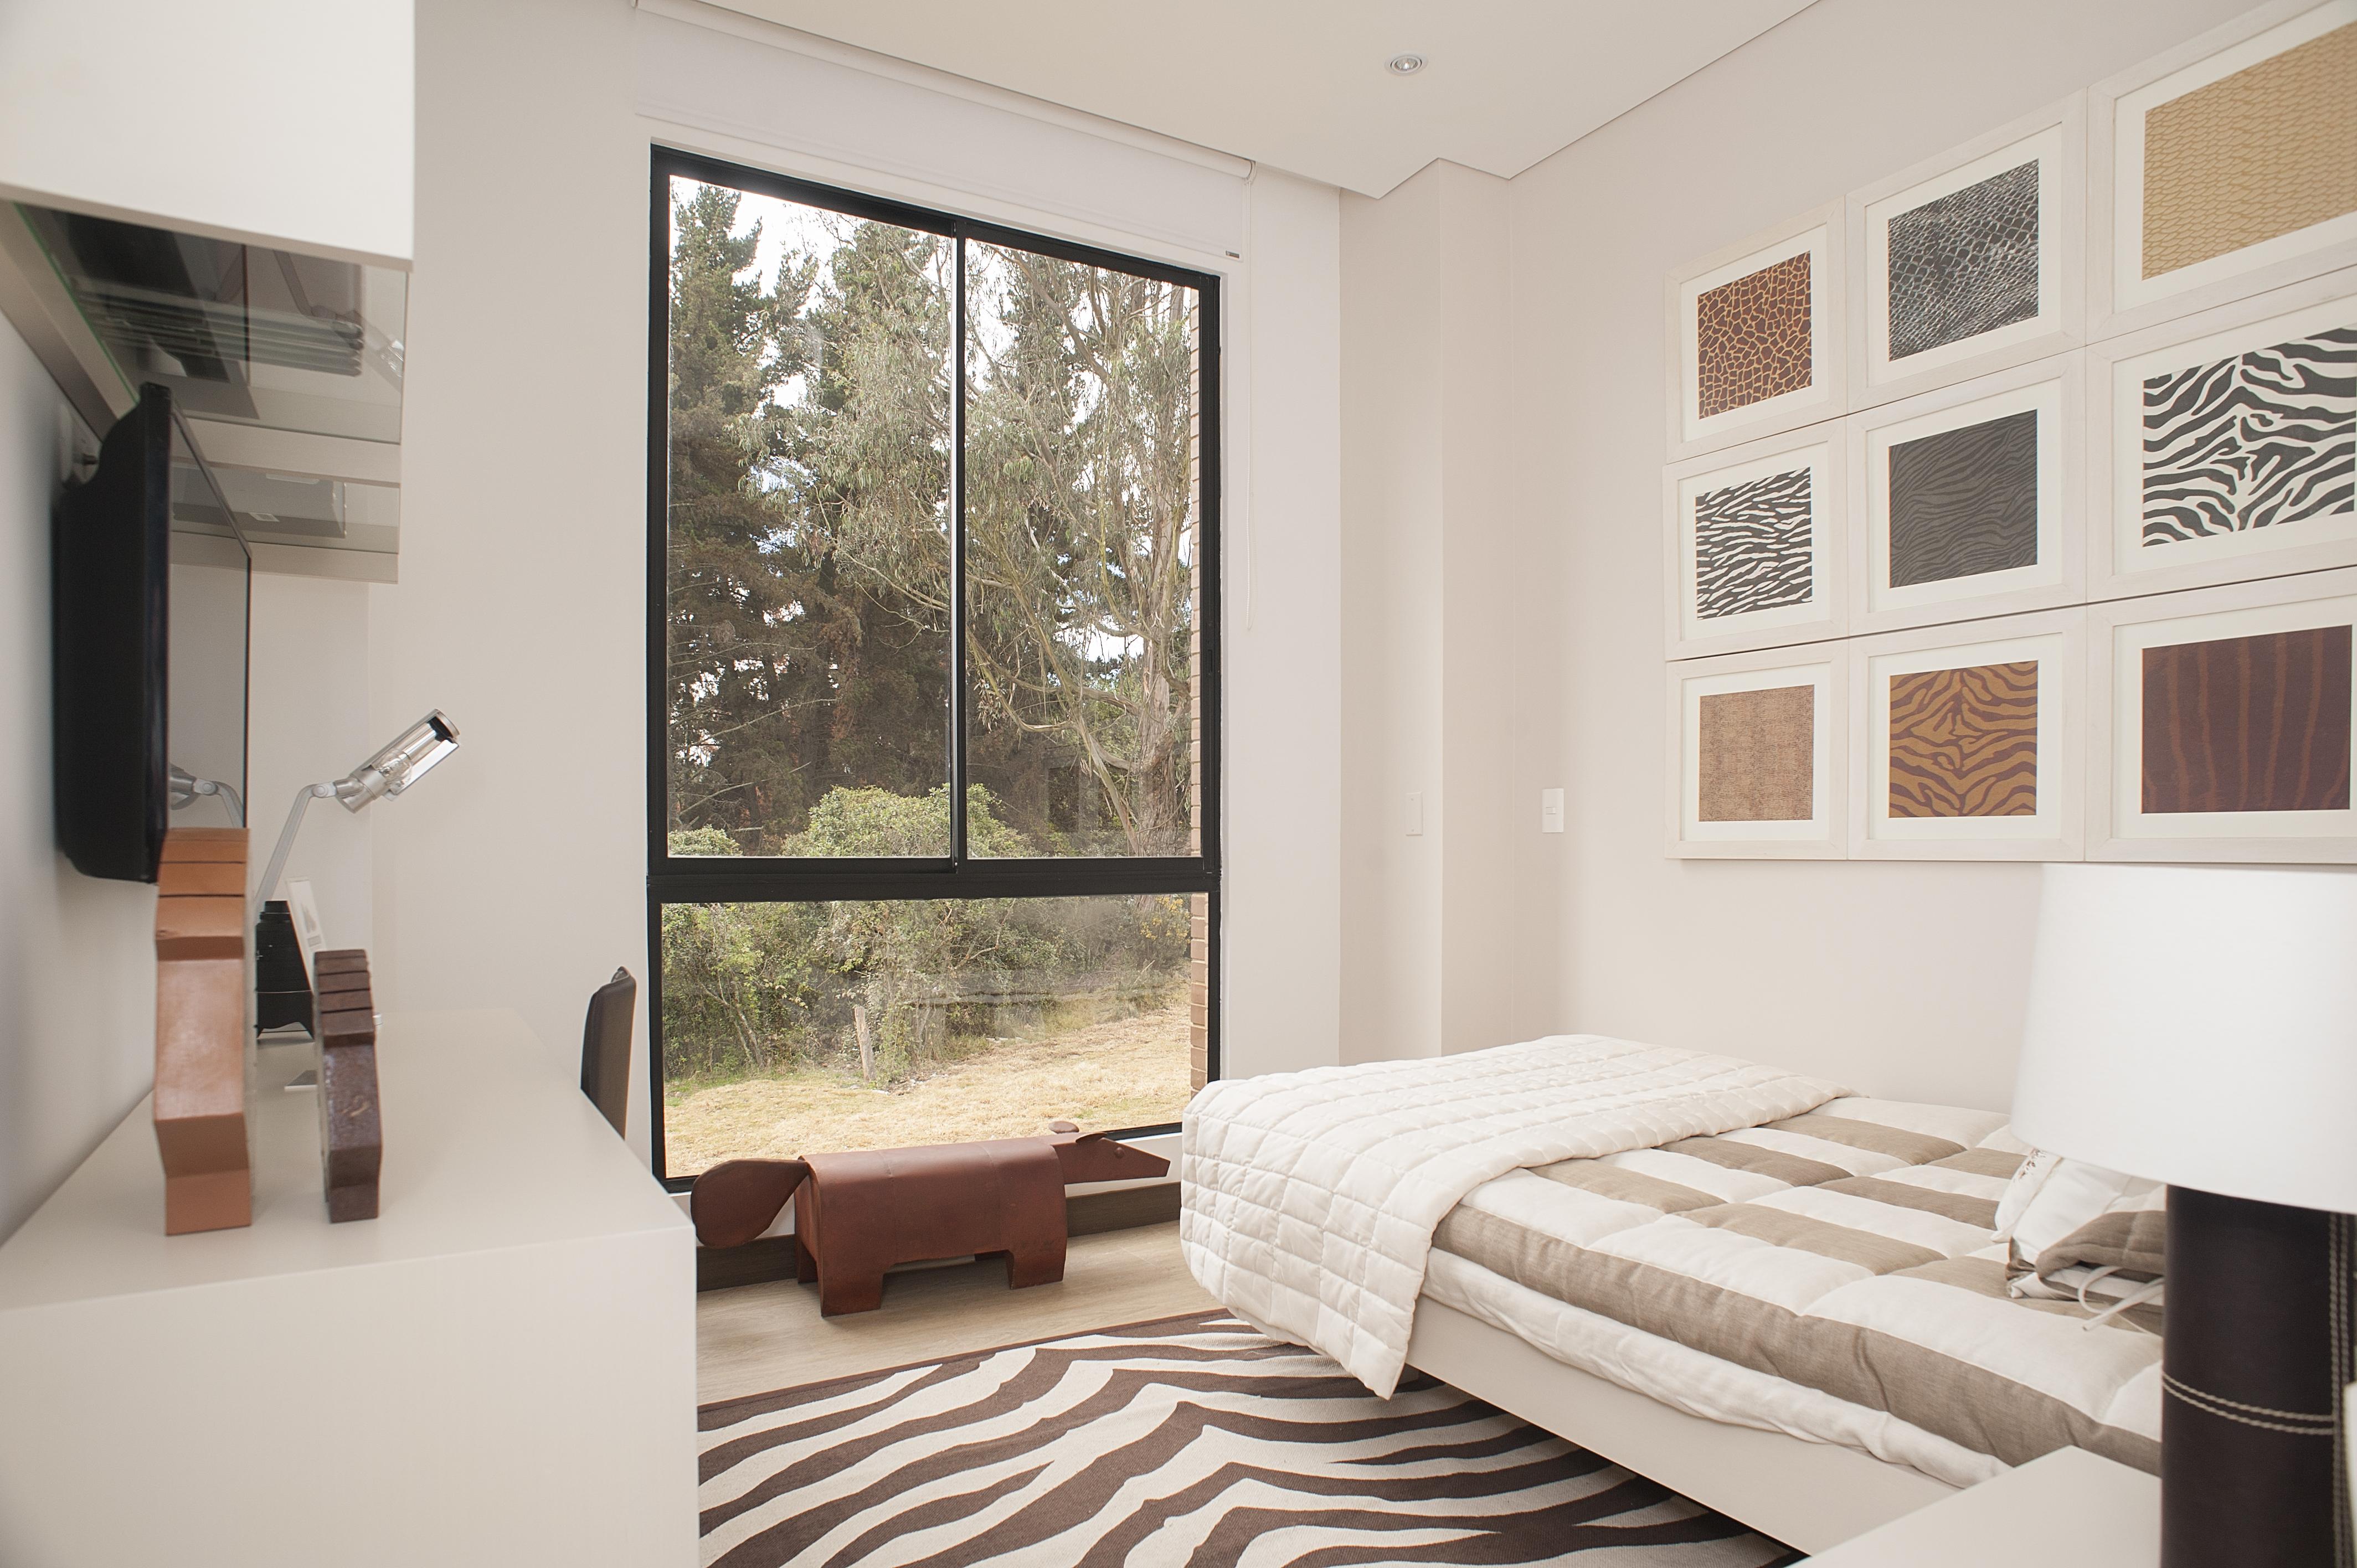 Proyectos de vivienda nueva casa torreladera bosque for Proyectos casas nueva